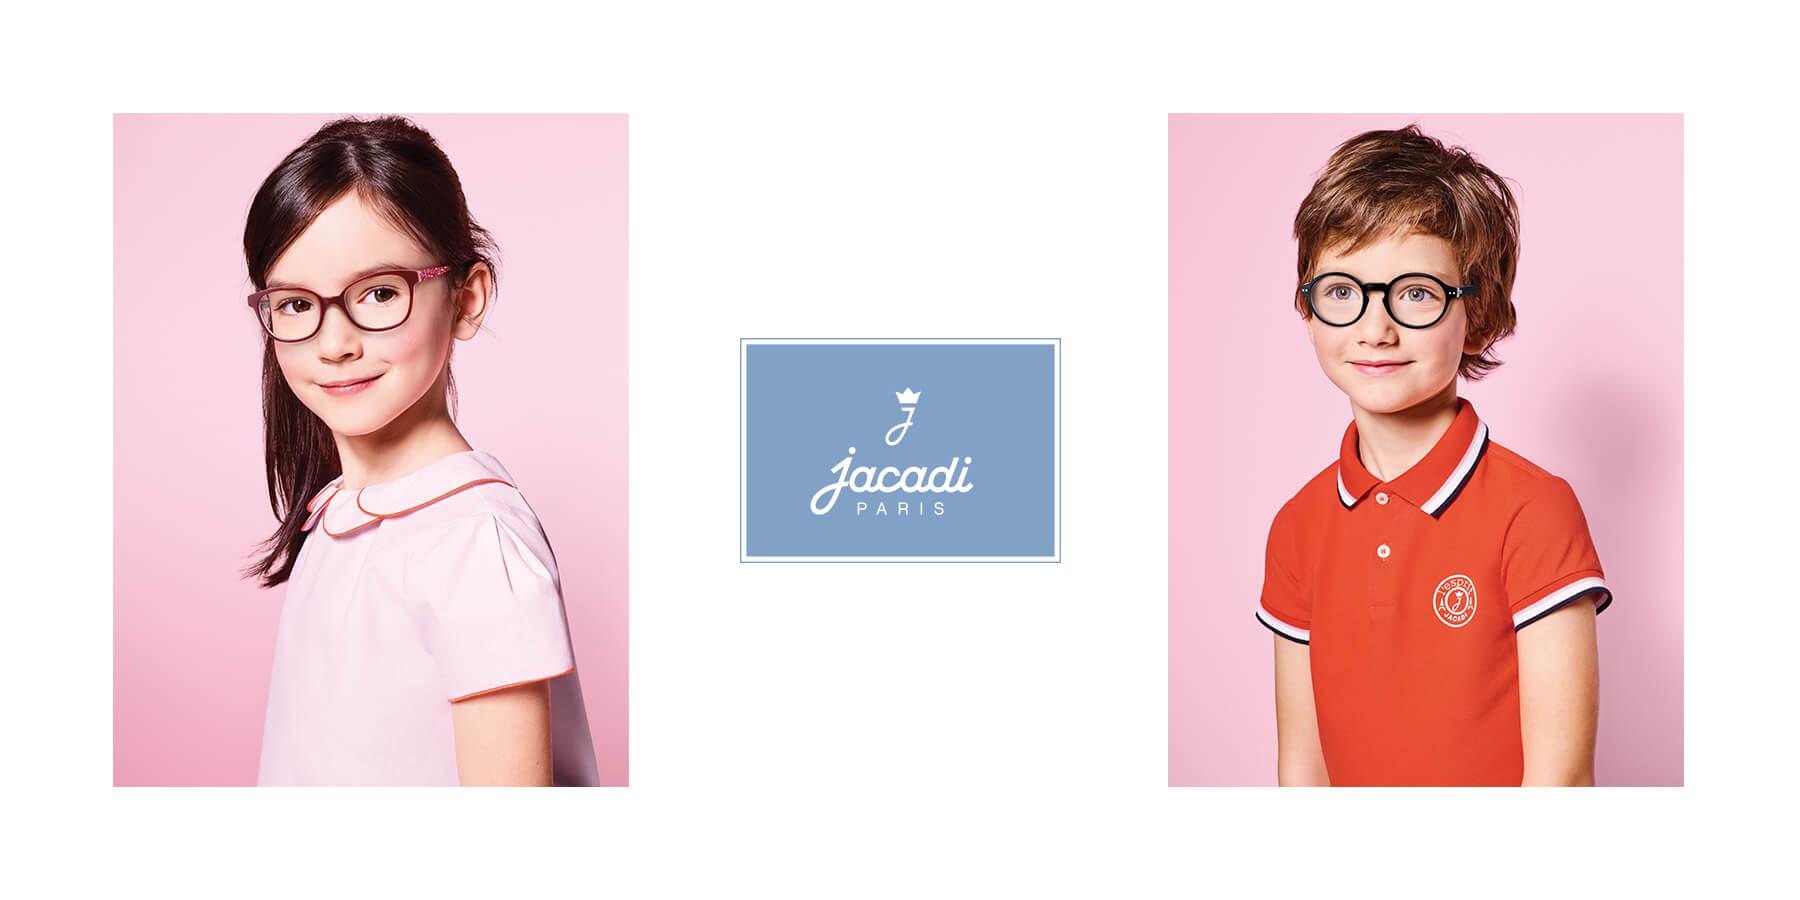 Детские оправы для девочек и мальчиков от популярного французского бренда Jacadi